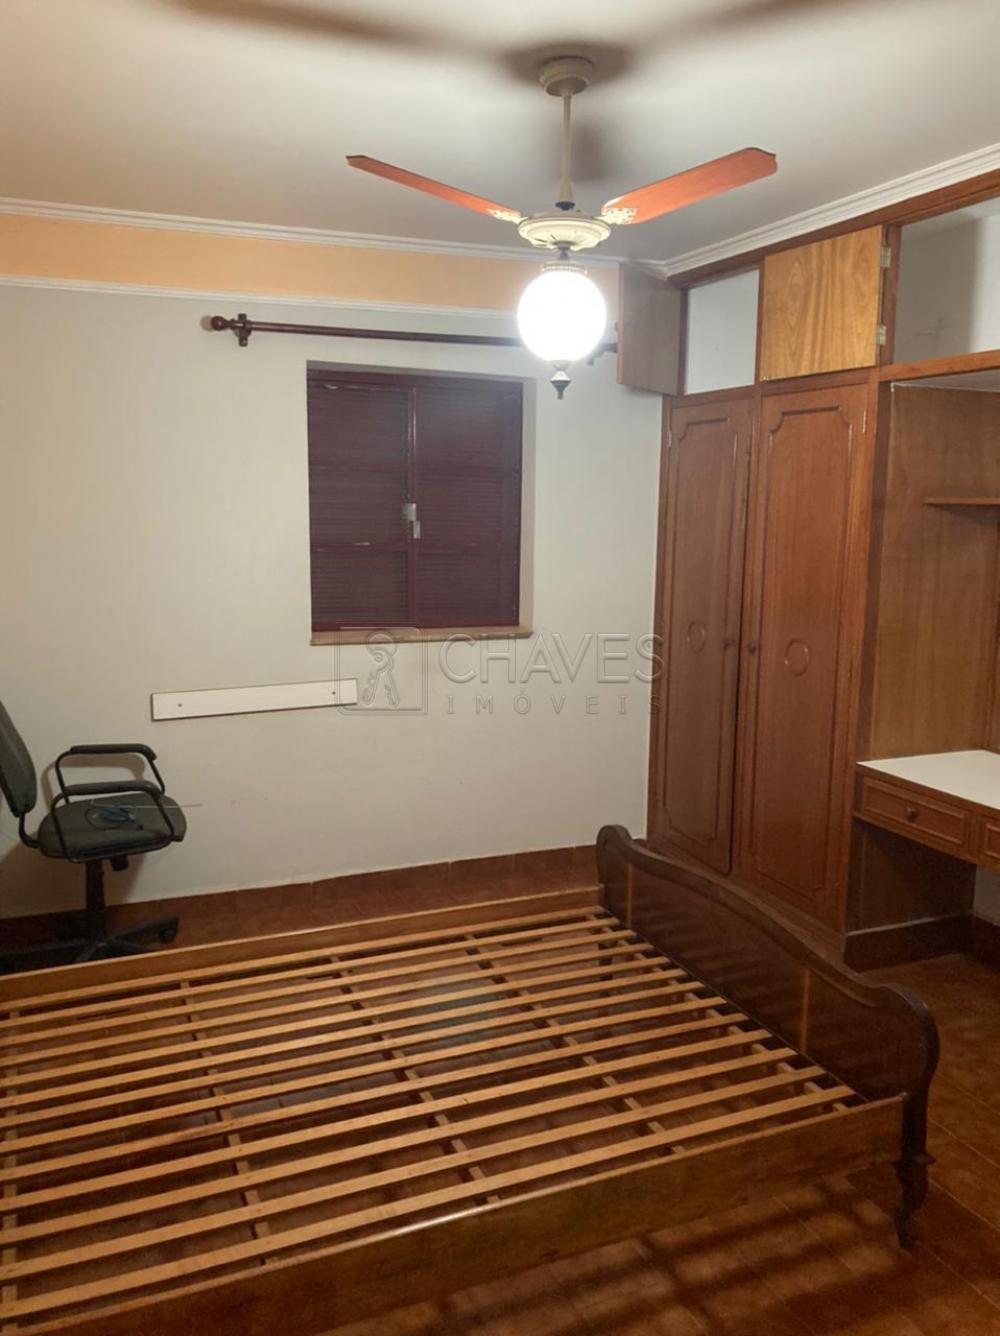 Alugar Casa / Padrão em Ribeirão Preto R$ 2.200,00 - Foto 11